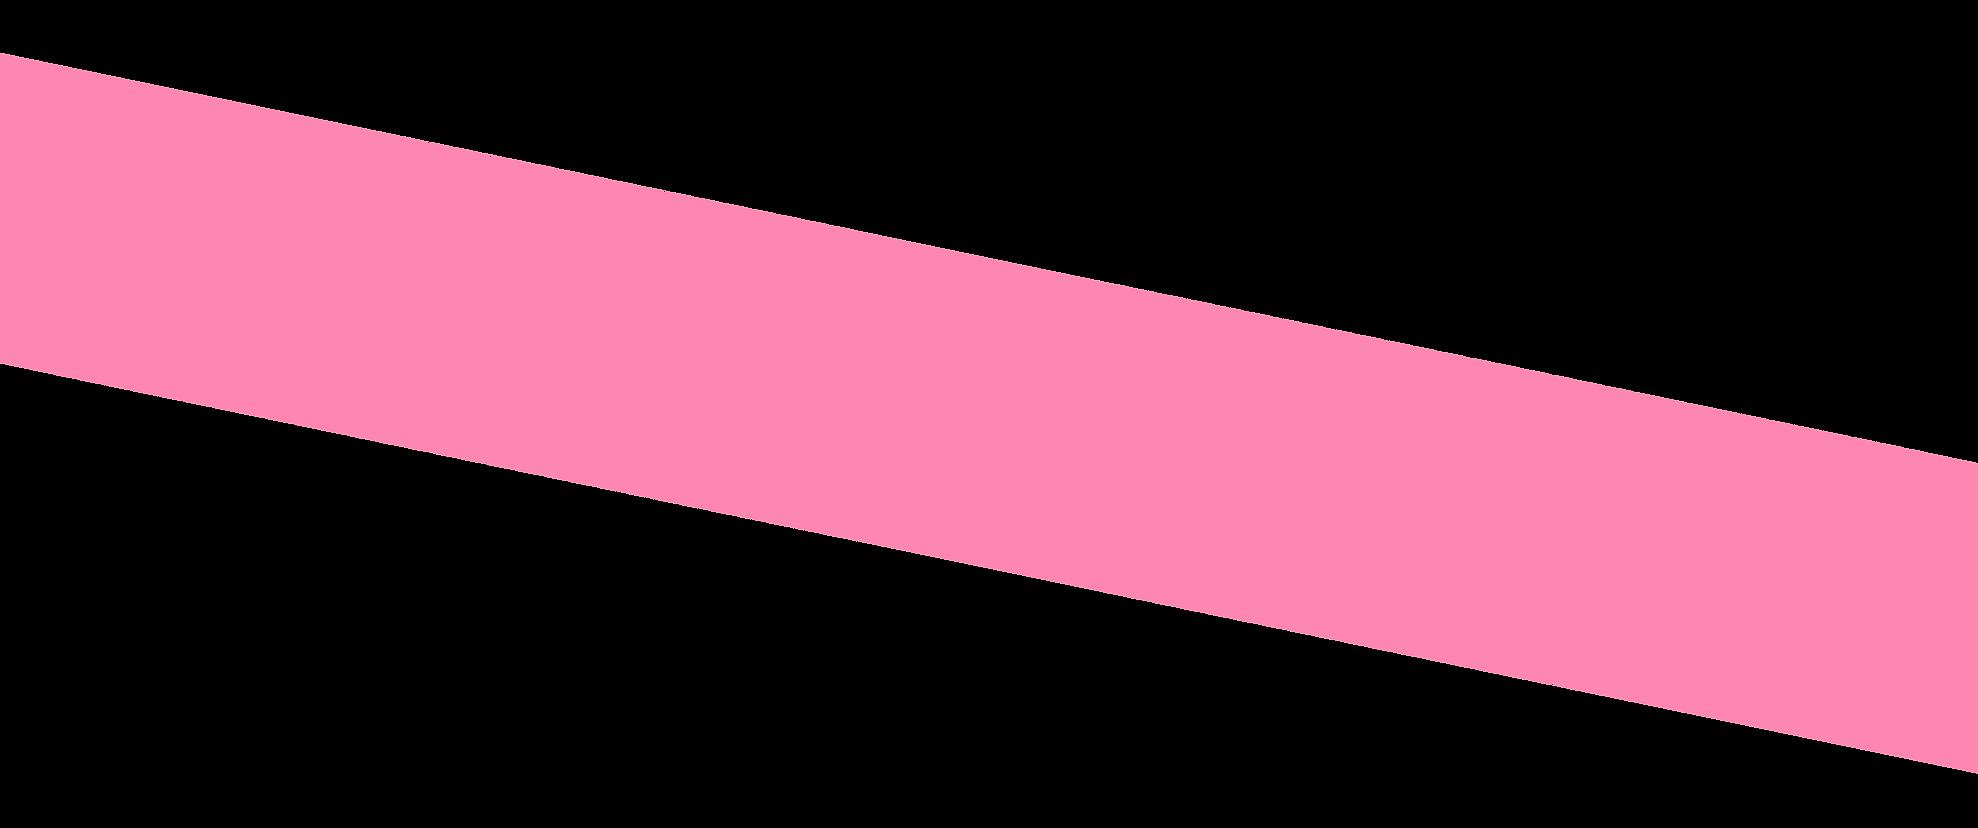 ピンク線.png